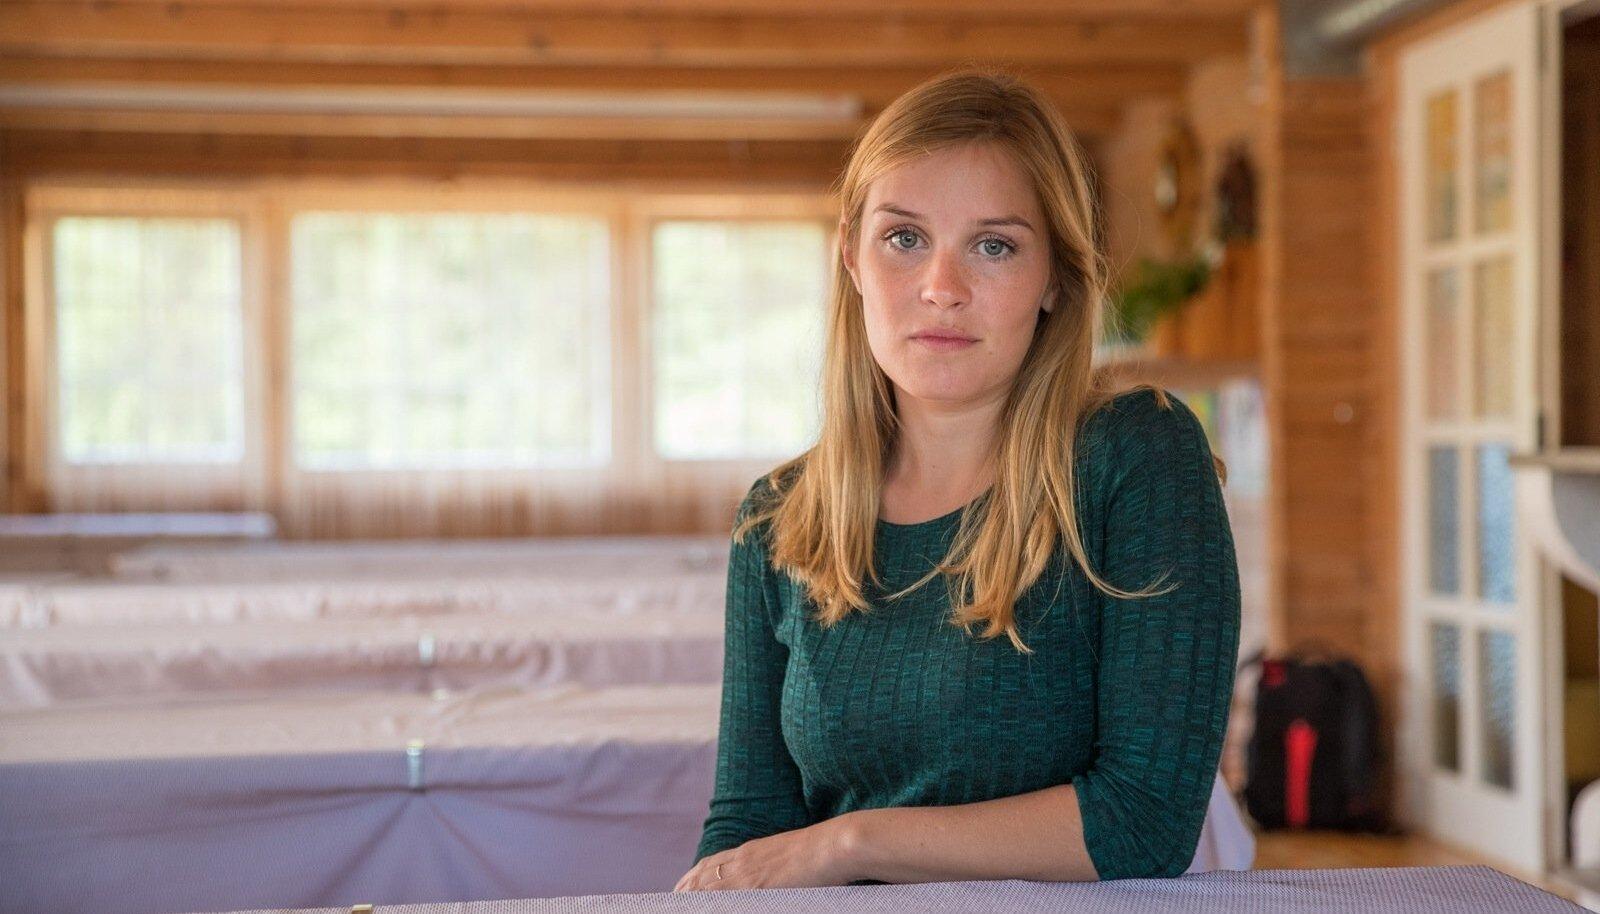 Sotsiaaltöötaja Kadri-Ann Lee tahab, et noortel oleks koht, kuhu sõltuvusprobleemiga vabatahtlikult minna. Praegu Eestis sellist võimalust veel pole.